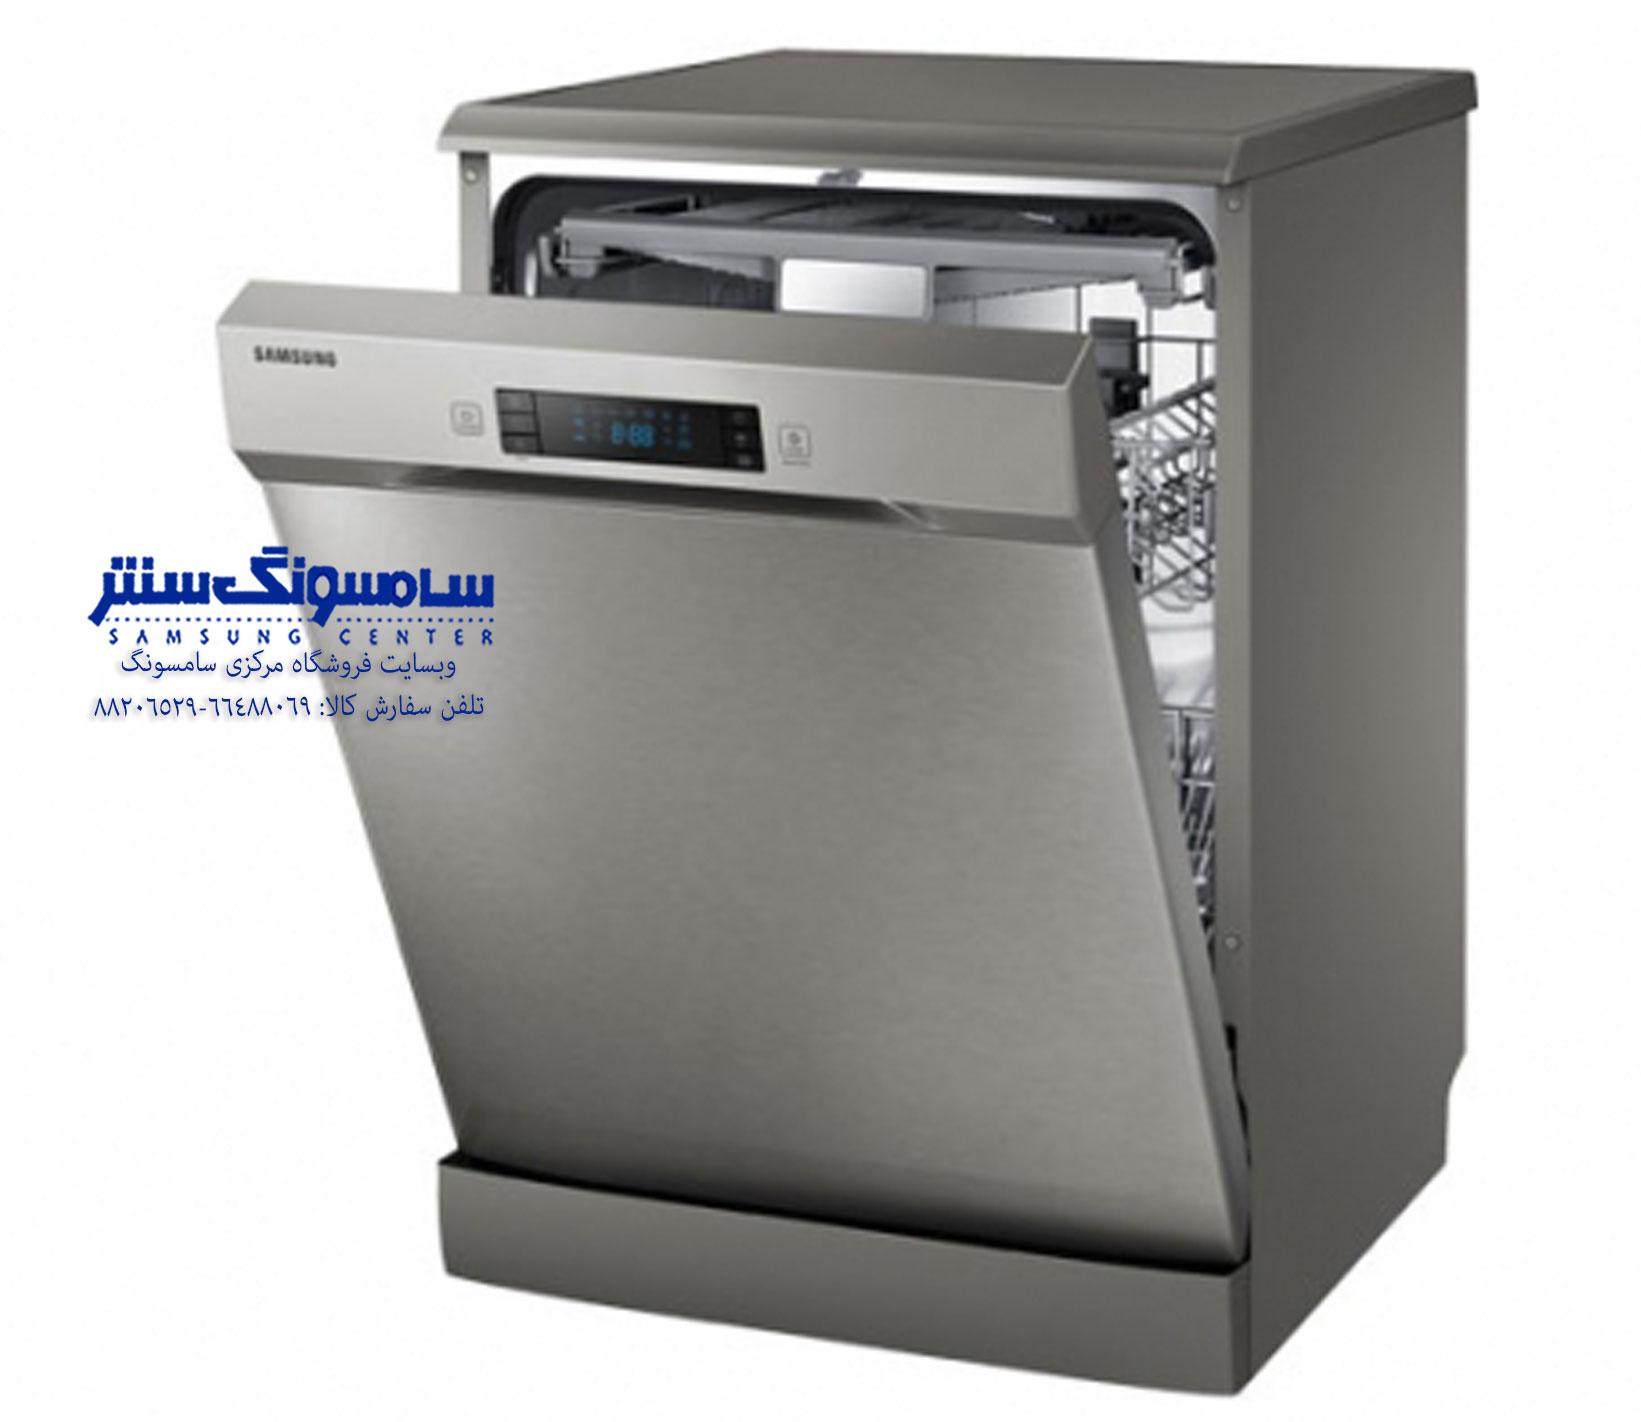 قیمت ماشین ظرفشویی سامسونگ